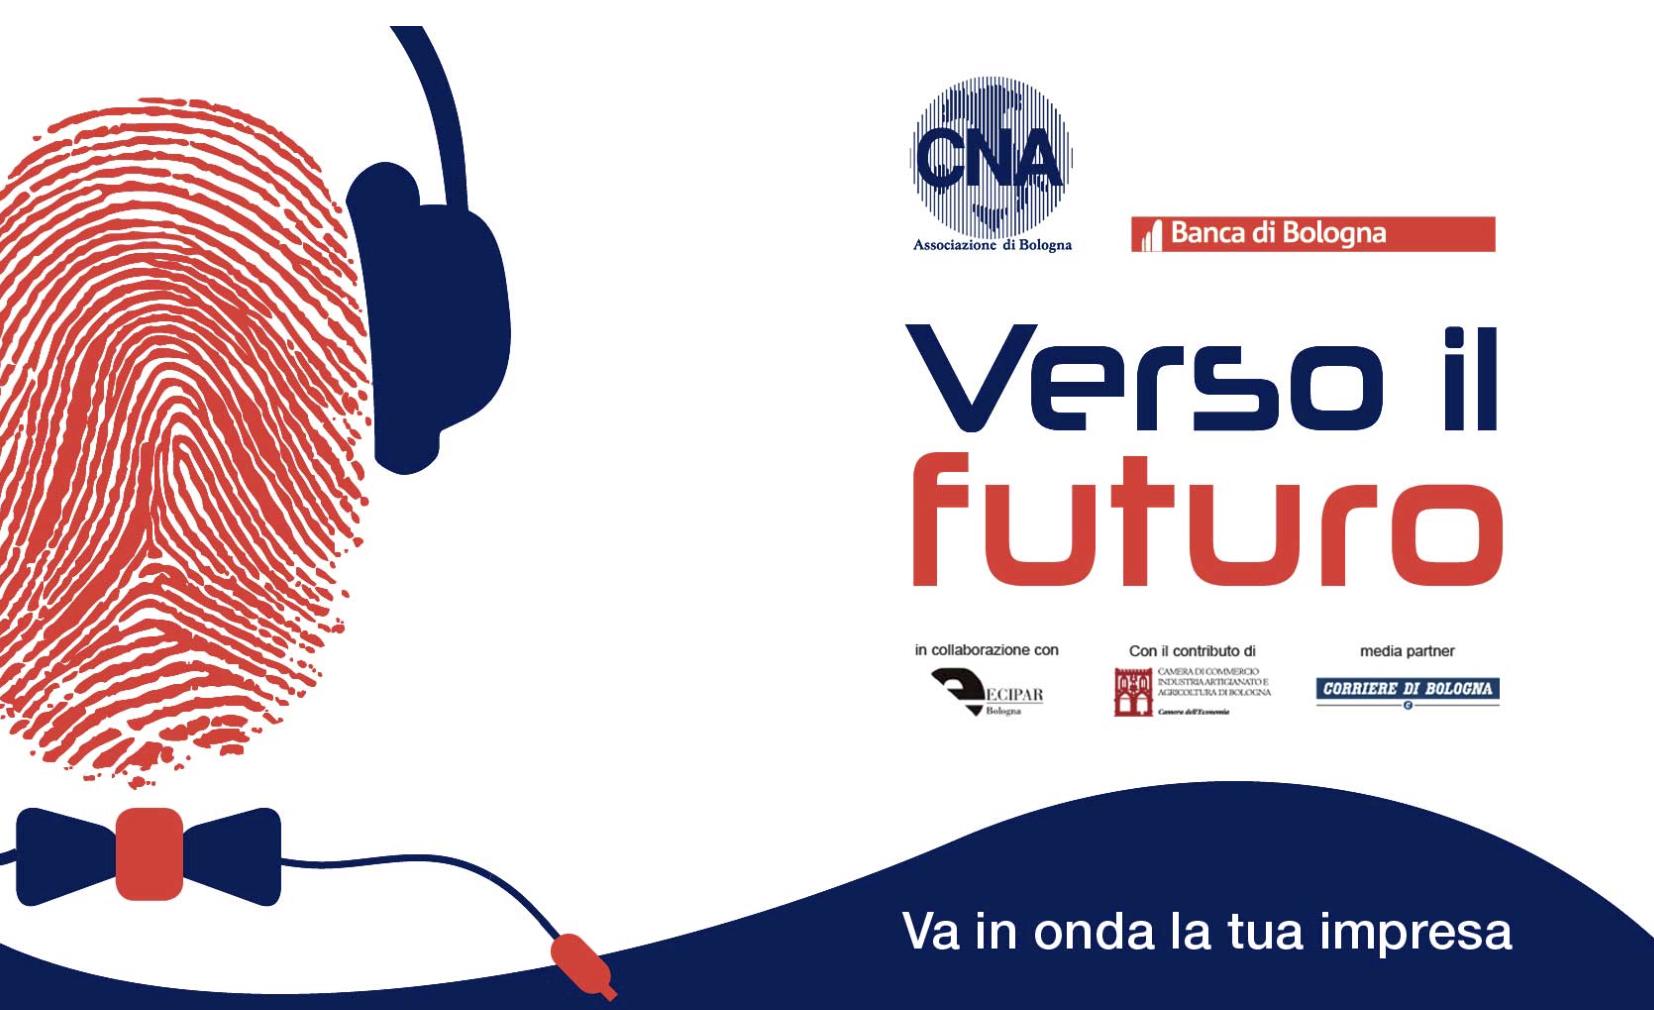 Verso il Futuro Cna Bologna: 10 scuole superiori di Bologna e 300 ragazzi verso l'impresa